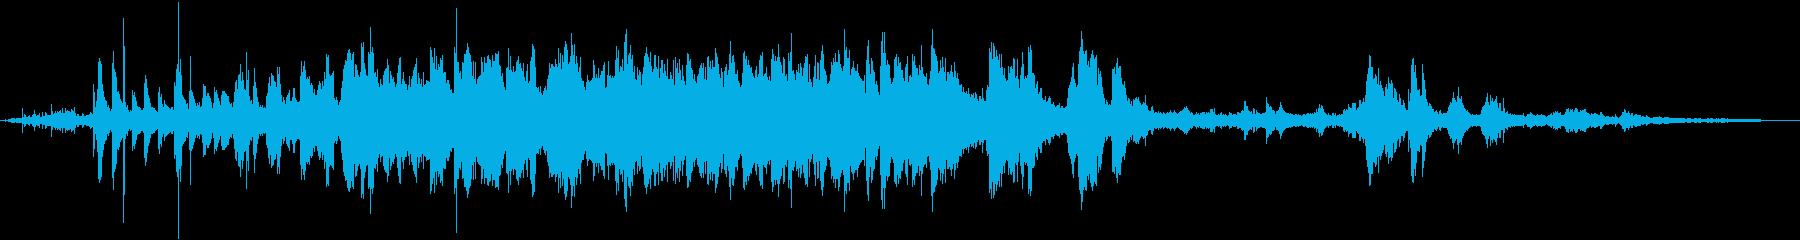 初詣、神社の鈴の音の再生済みの波形